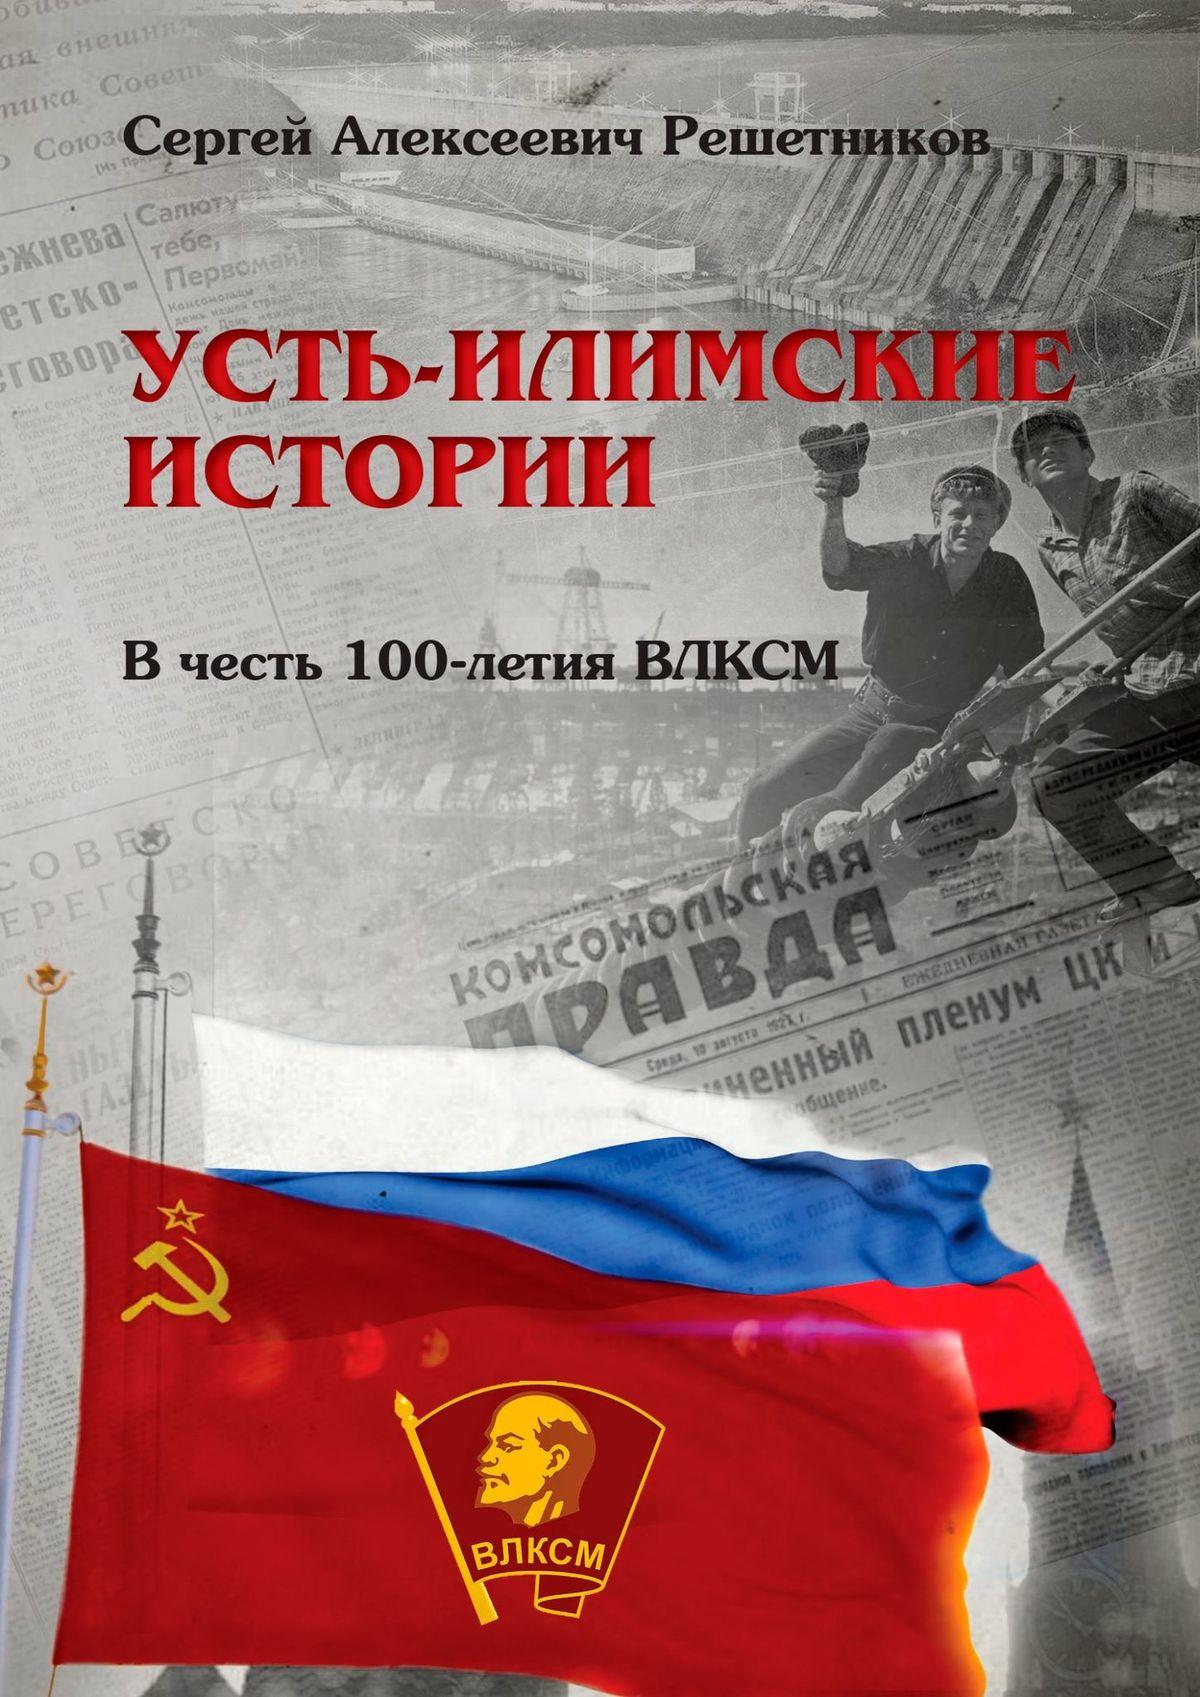 Сергей Алексееич Решетнико -Илимские истории. честь 100-летия ЛКСМ